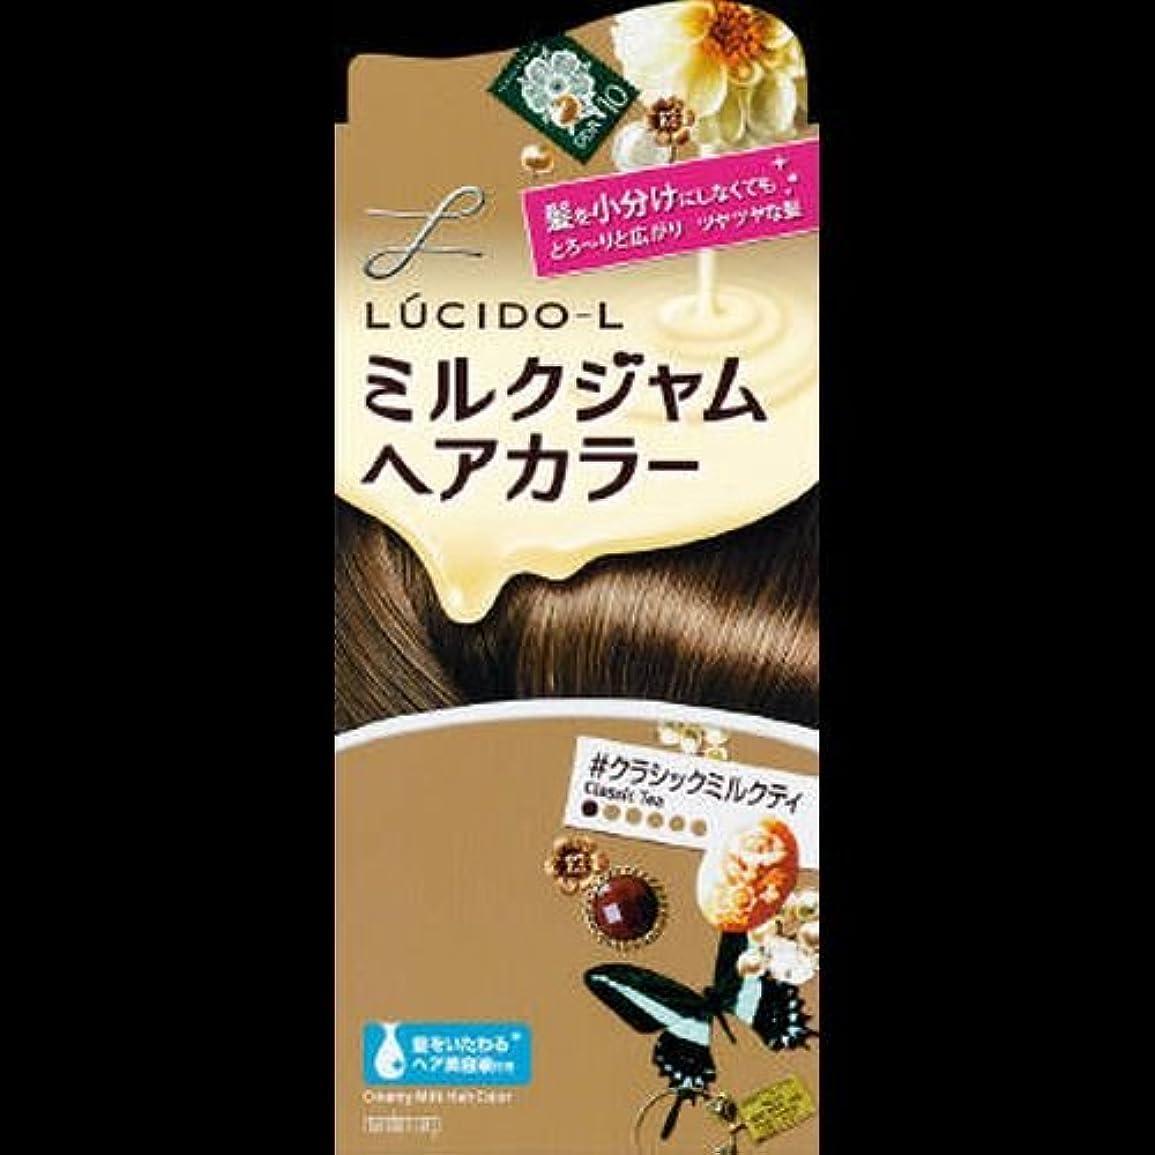 商品臭い橋【まとめ買い】ルシードエル ミルクジャムヘアカラー クラシックミルクティ ×2セット